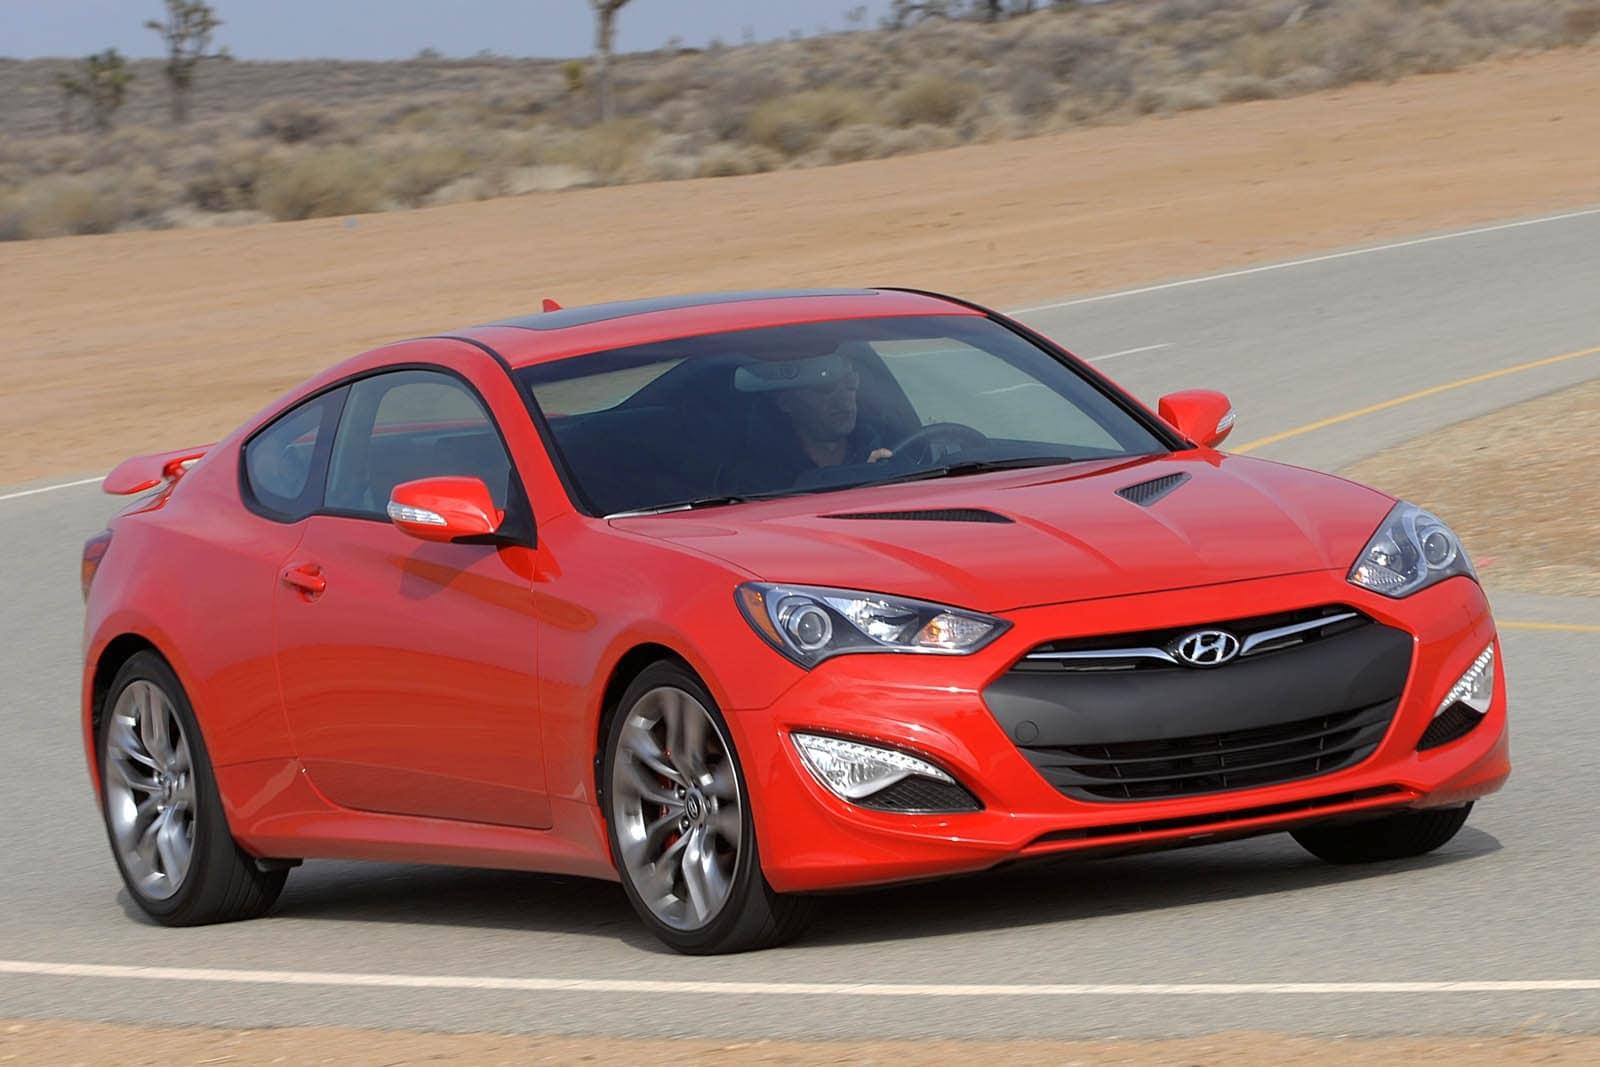 2014 Hyundai Genesis Coupe Review Ratings Edmunds